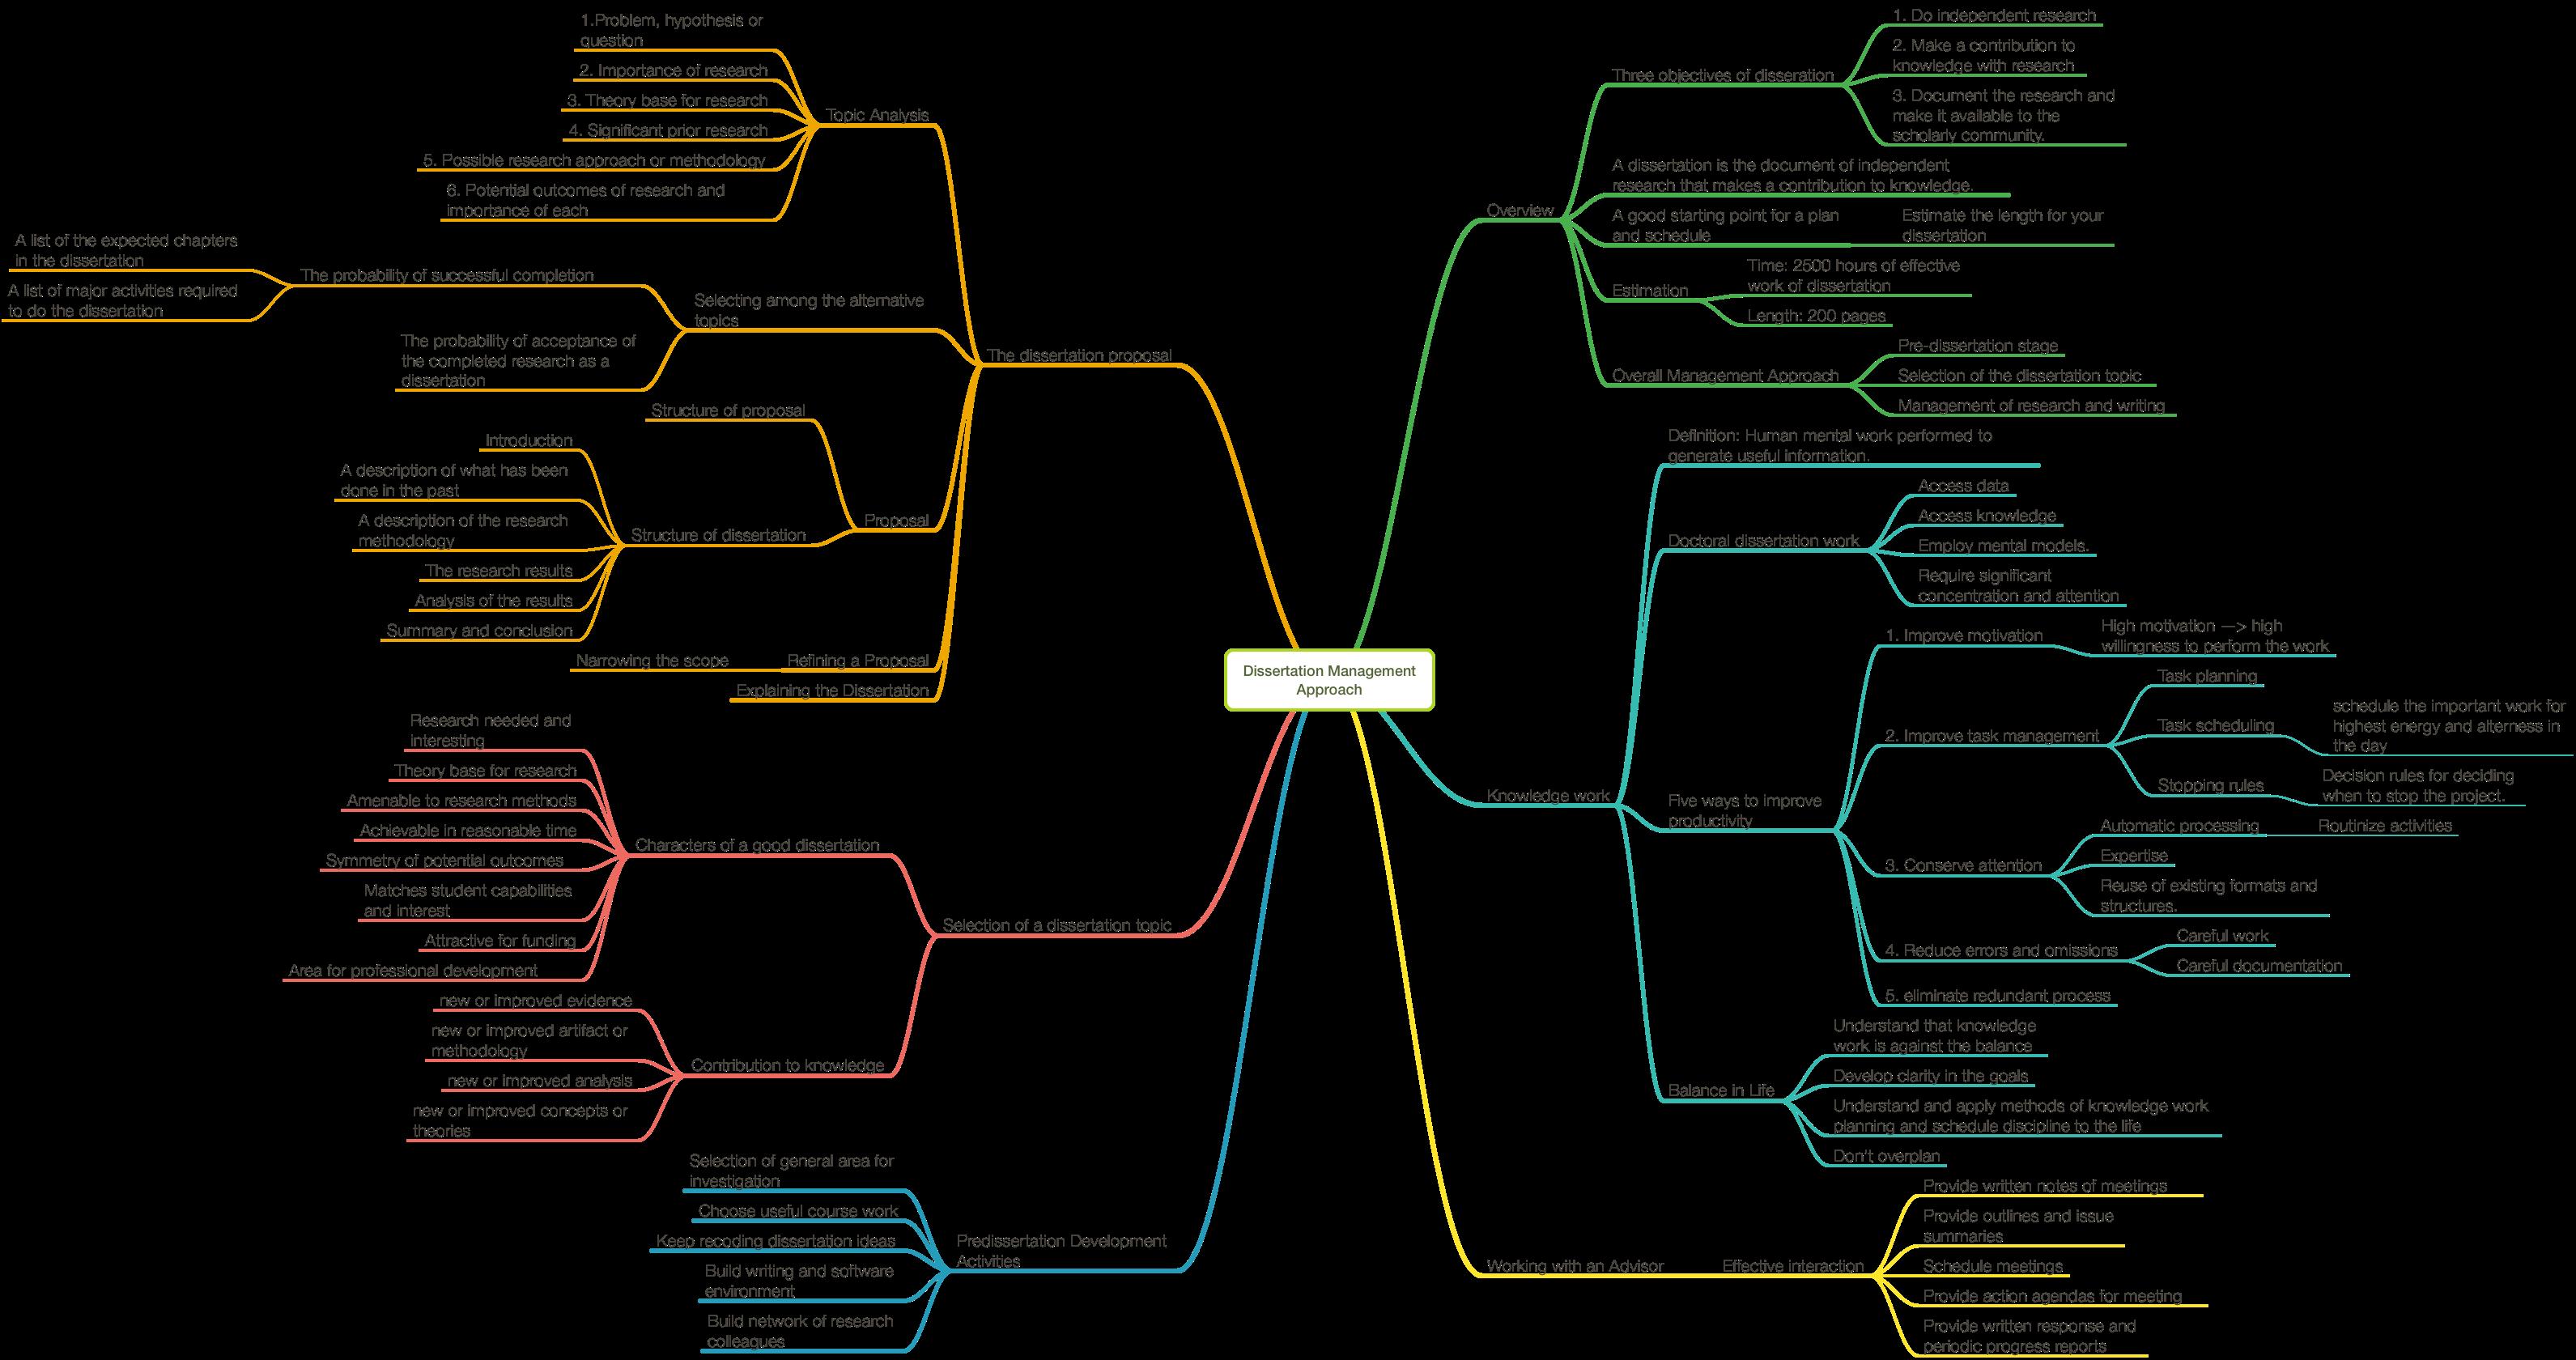 Dissertation-Management-Approach